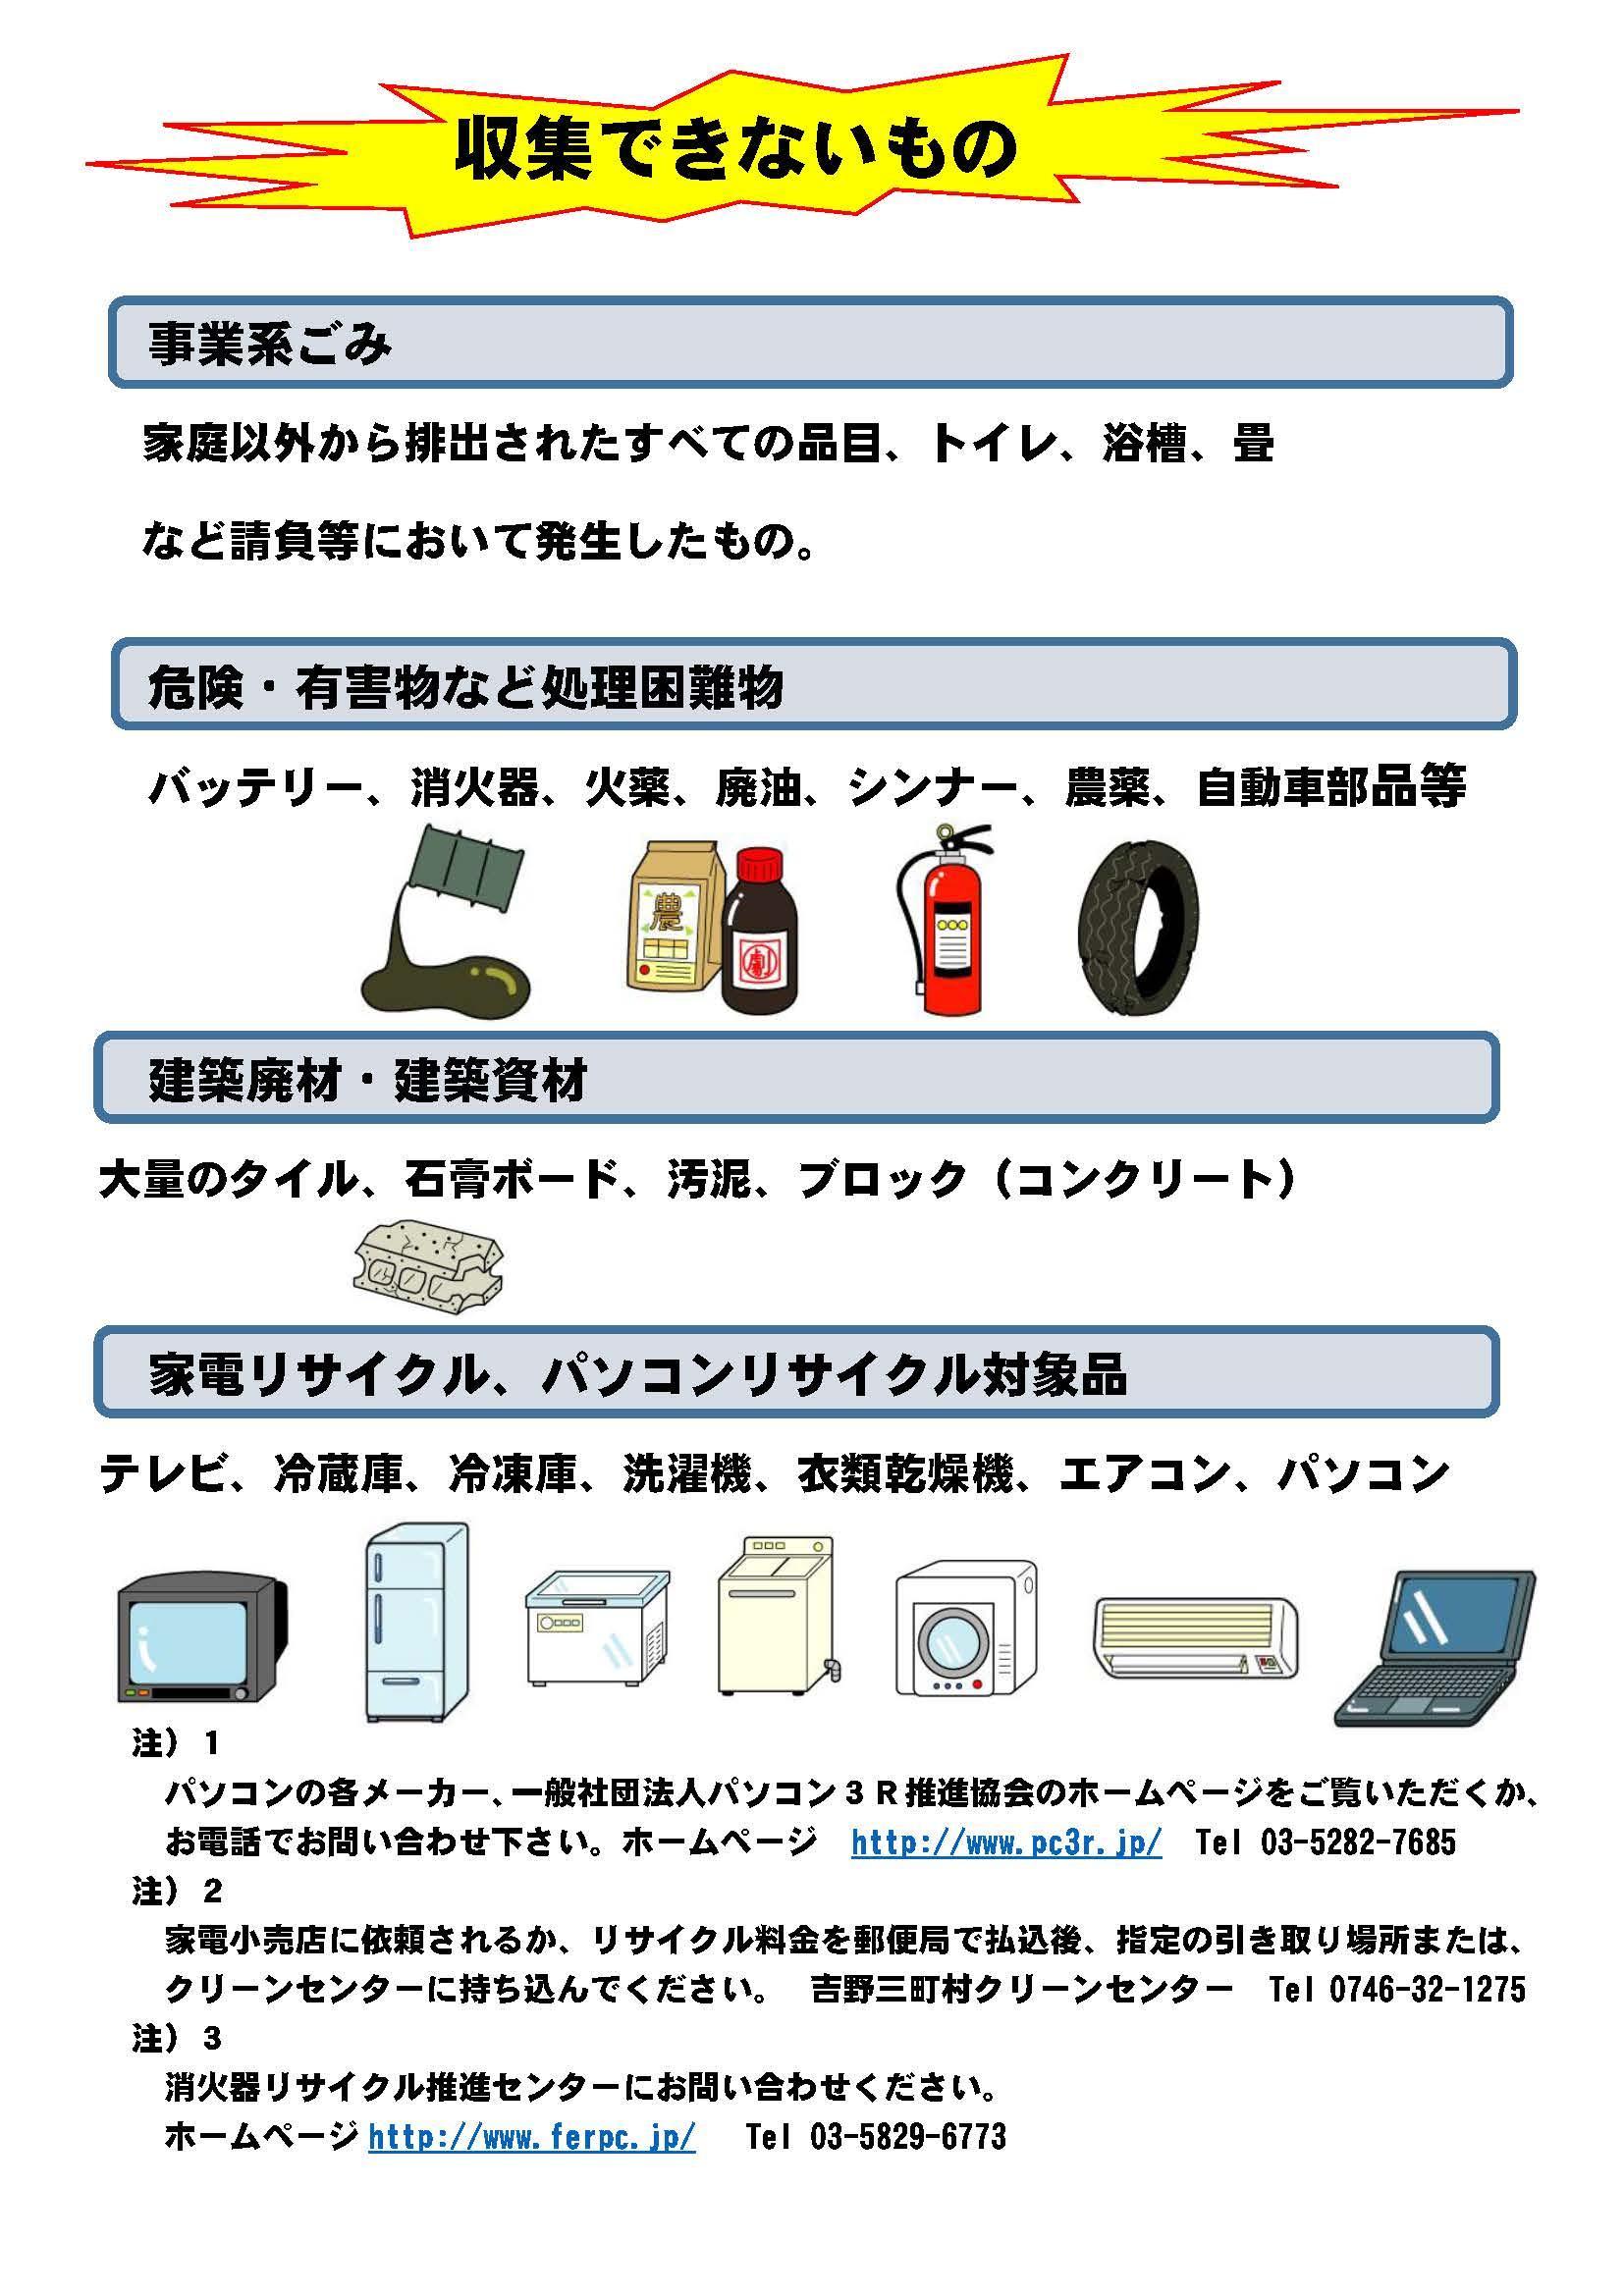 吉野町では収集できないものJPEG.jpg